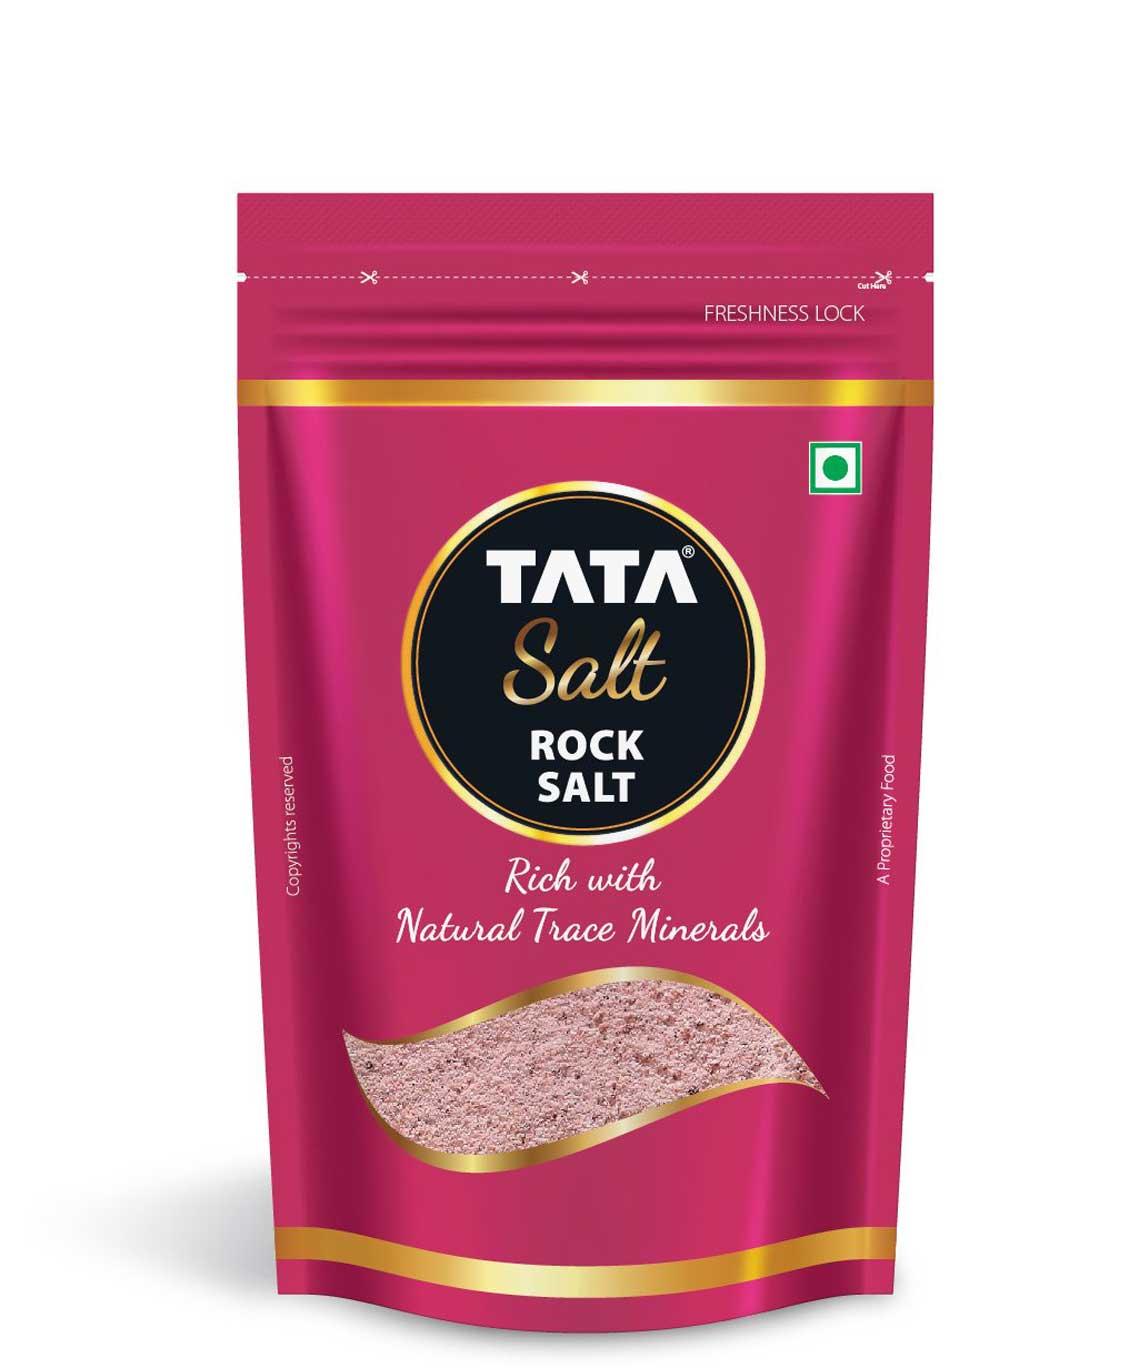 Tata Rock Salt, 500g